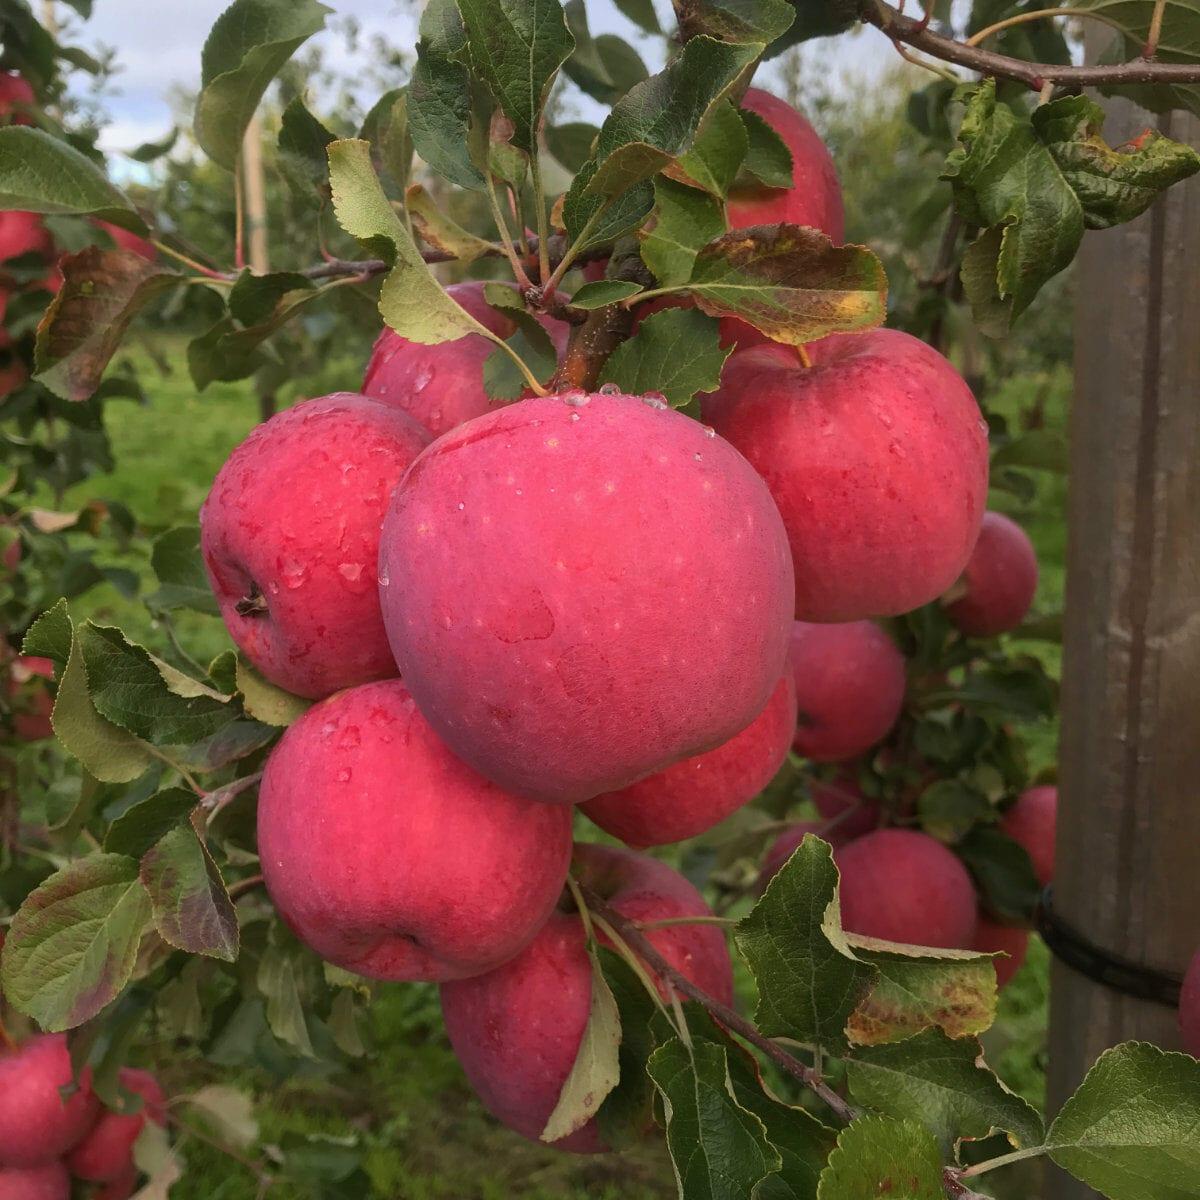 Reanda äppelsorter äppelodling framtidens frukt